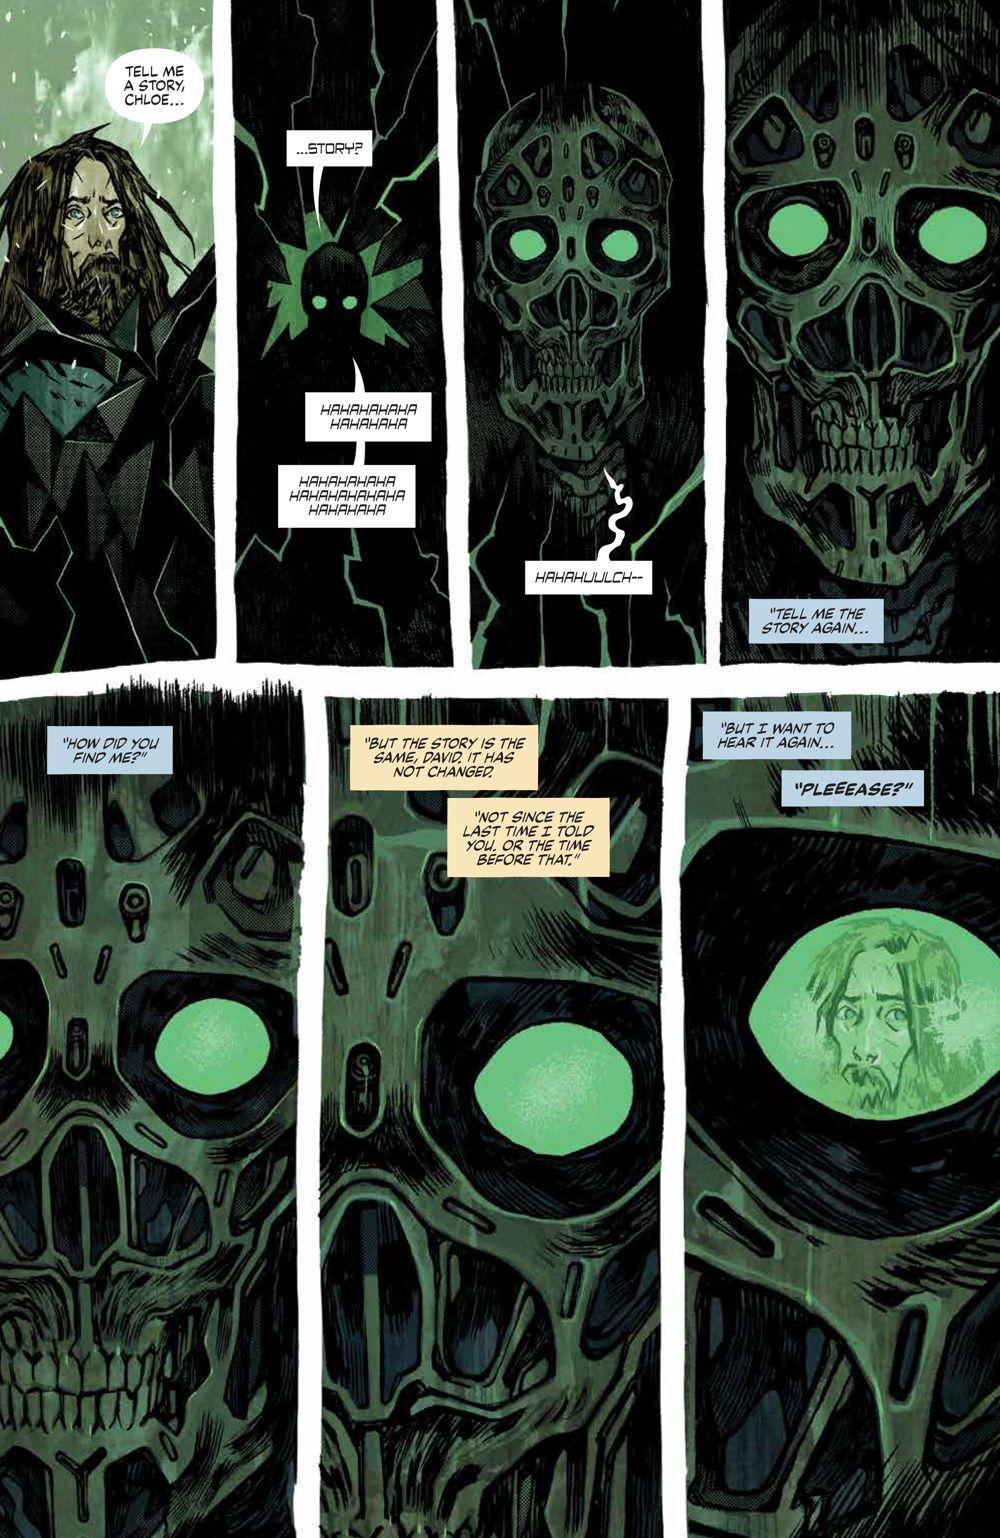 Origins_006_PRESS_8 ComicList Previews: ORIGINS #6 (OF 6)